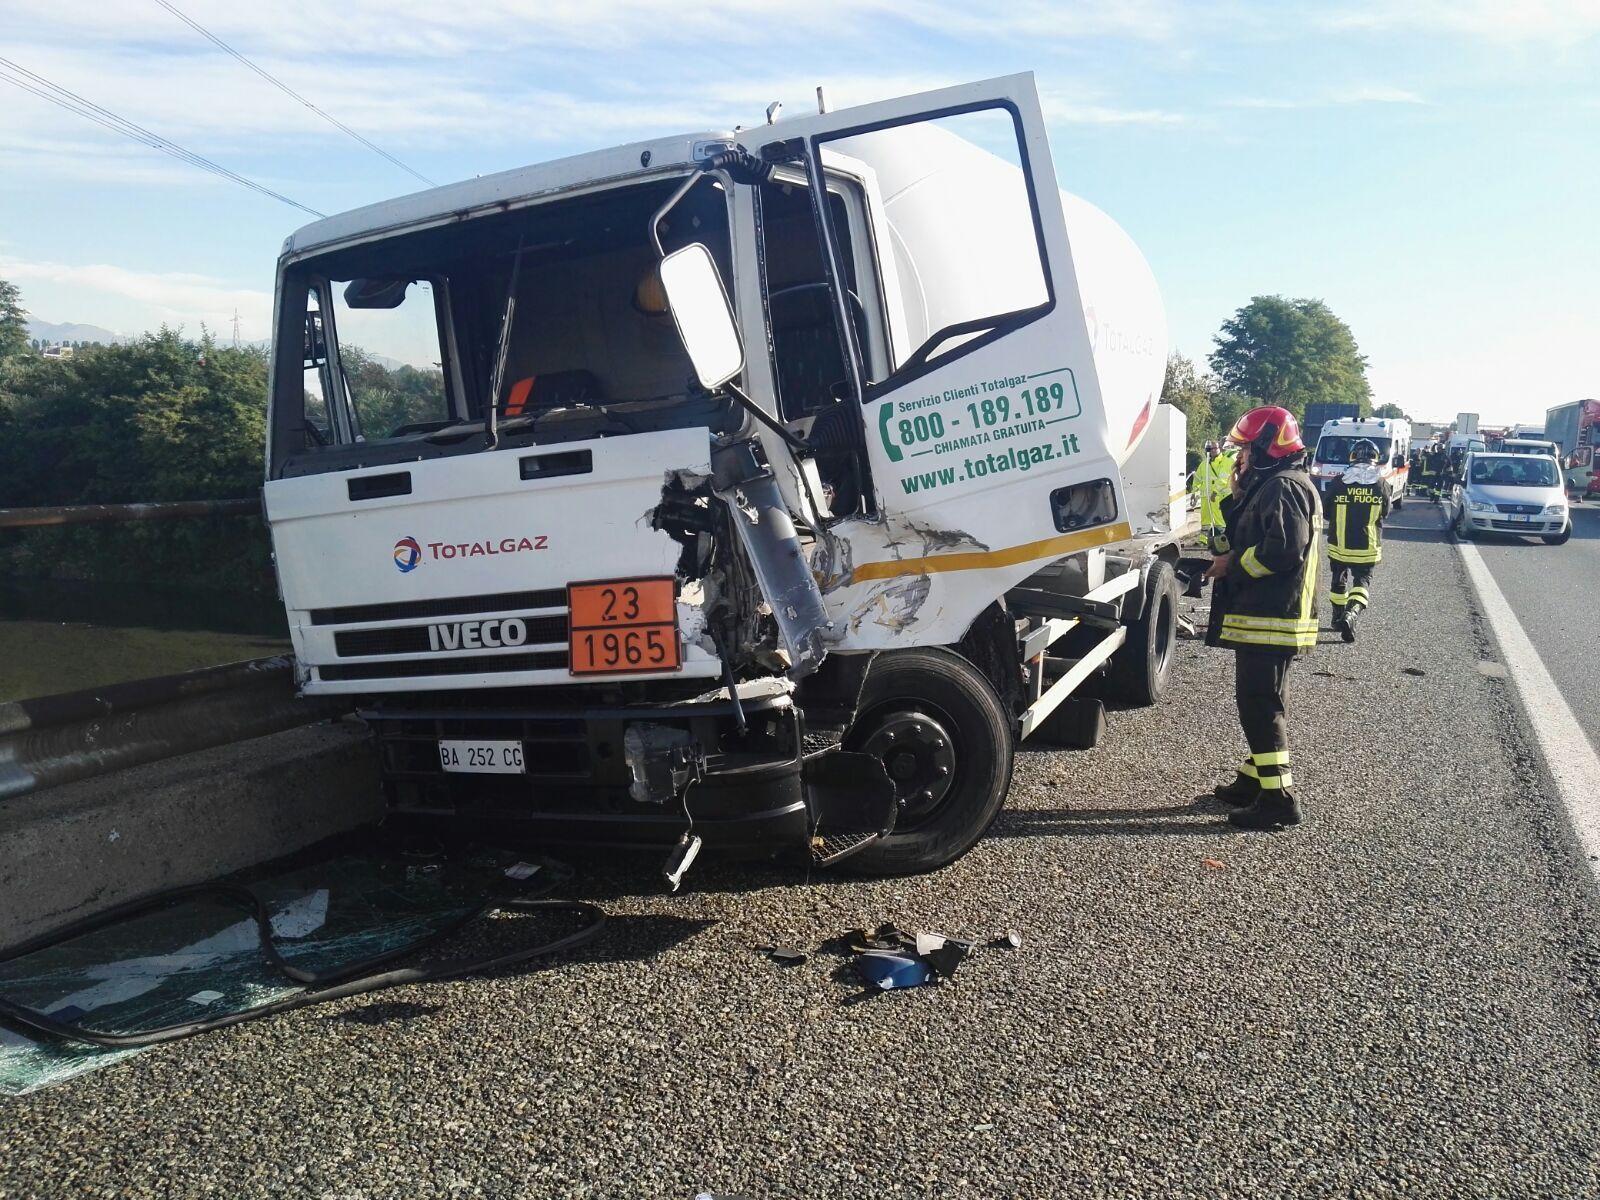 BORGARO-TORINO - Incidente stradale: scontro tra una cisterna, un camion e due auto. Tangenziale in tilt - FOTO